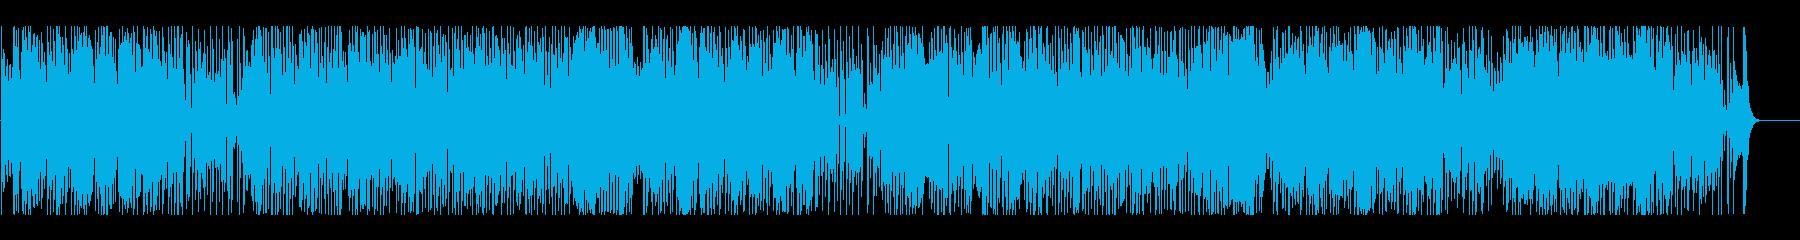 楽しい 元気 ほのぼの いきいきの再生済みの波形